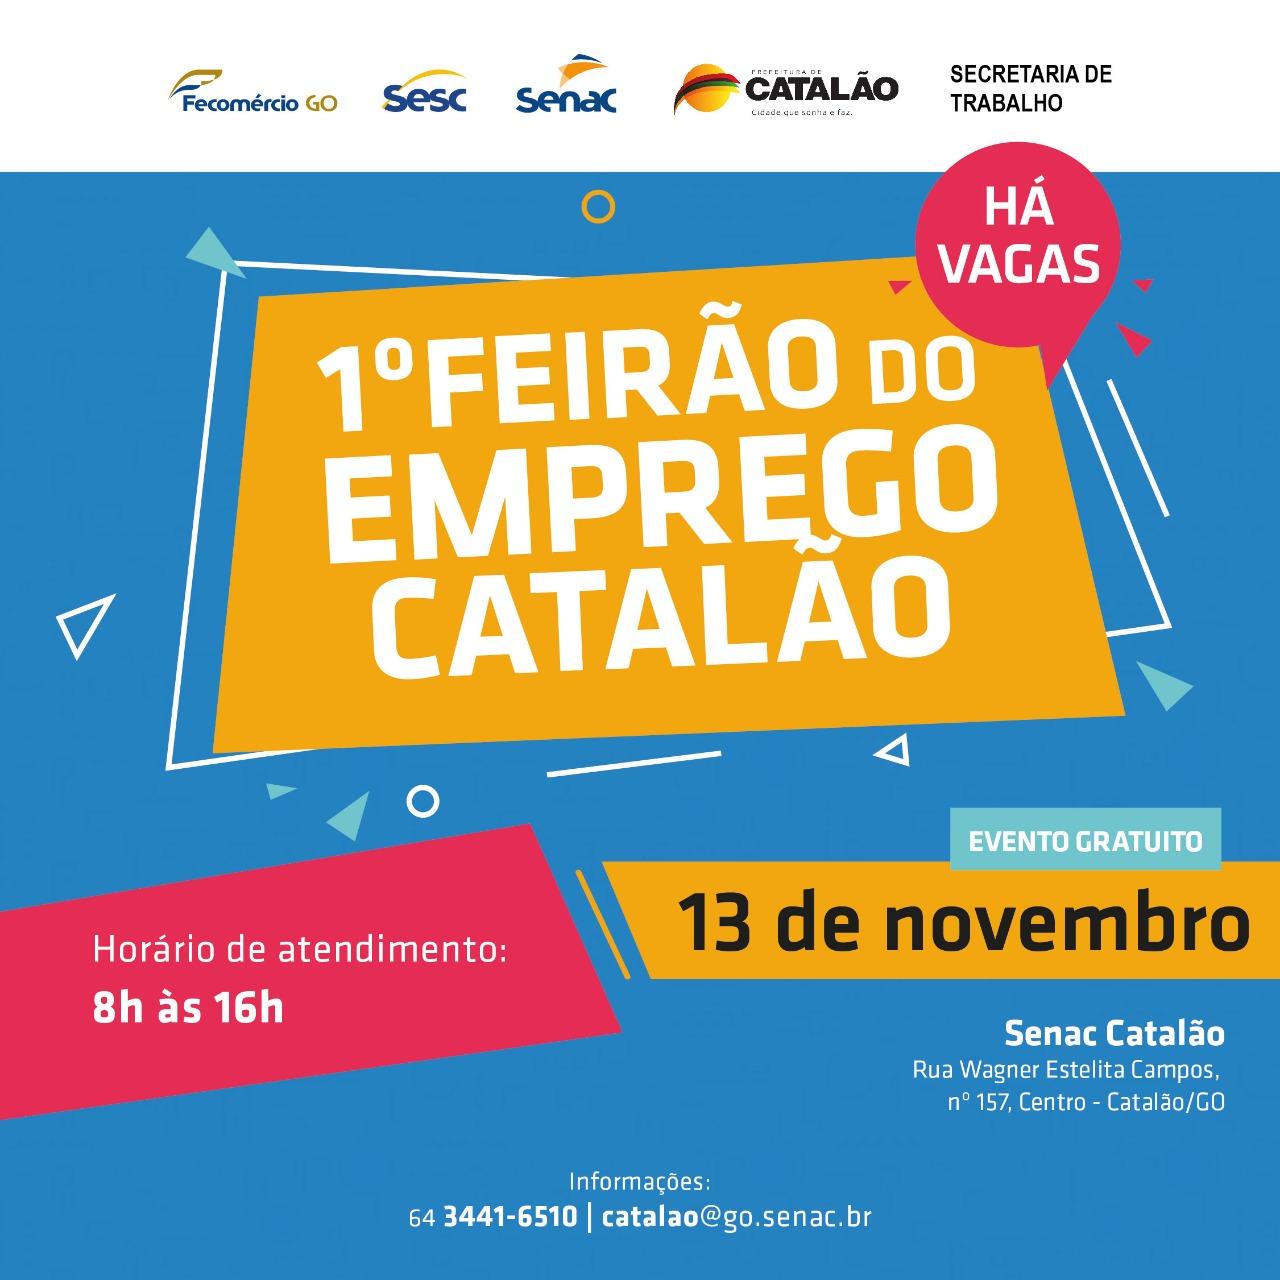 Fecom�rcio e Prefeitura promovem 1� Feir�o do Emprego de Catal�o nesta quarta